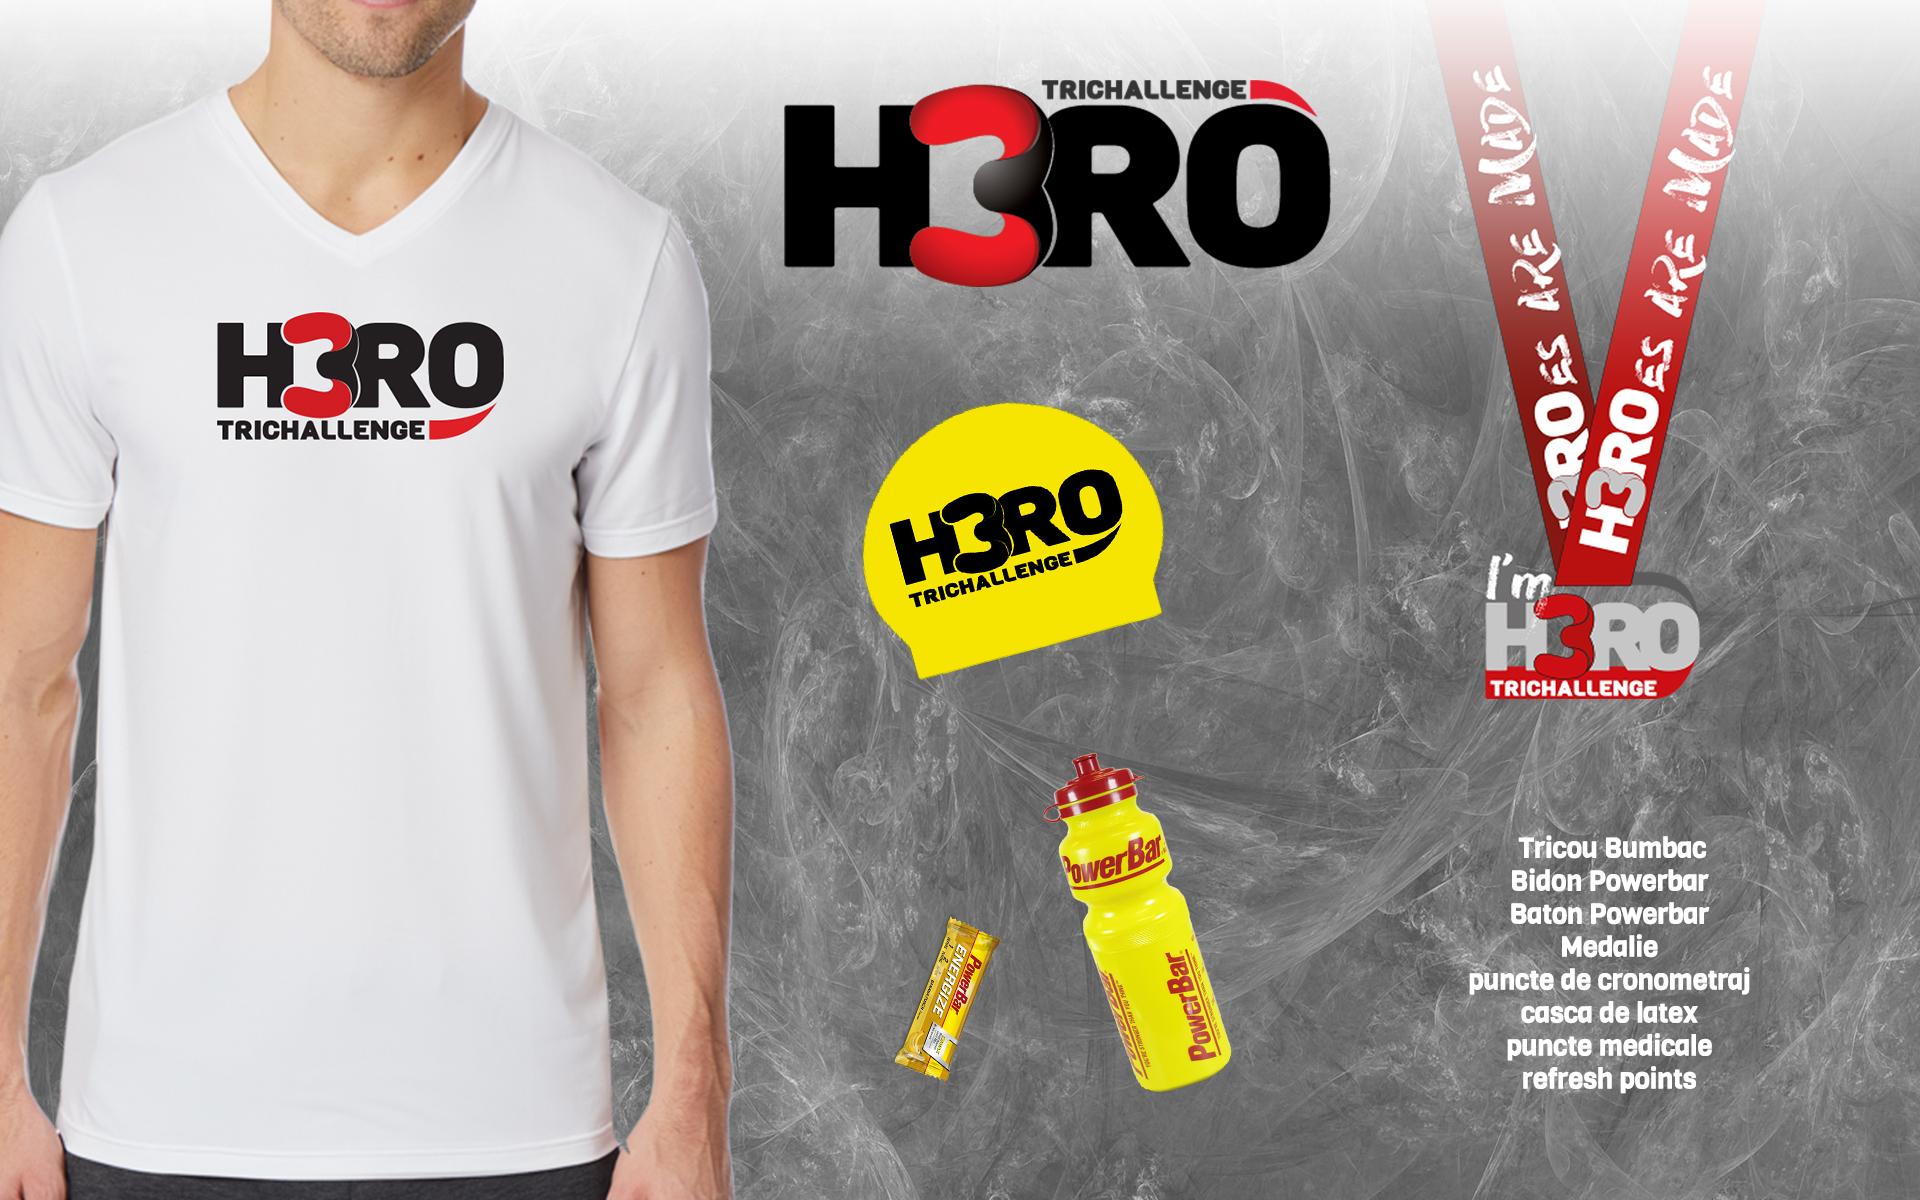 H3RO by TriChallenge 2019 - kit participare Aquatlon